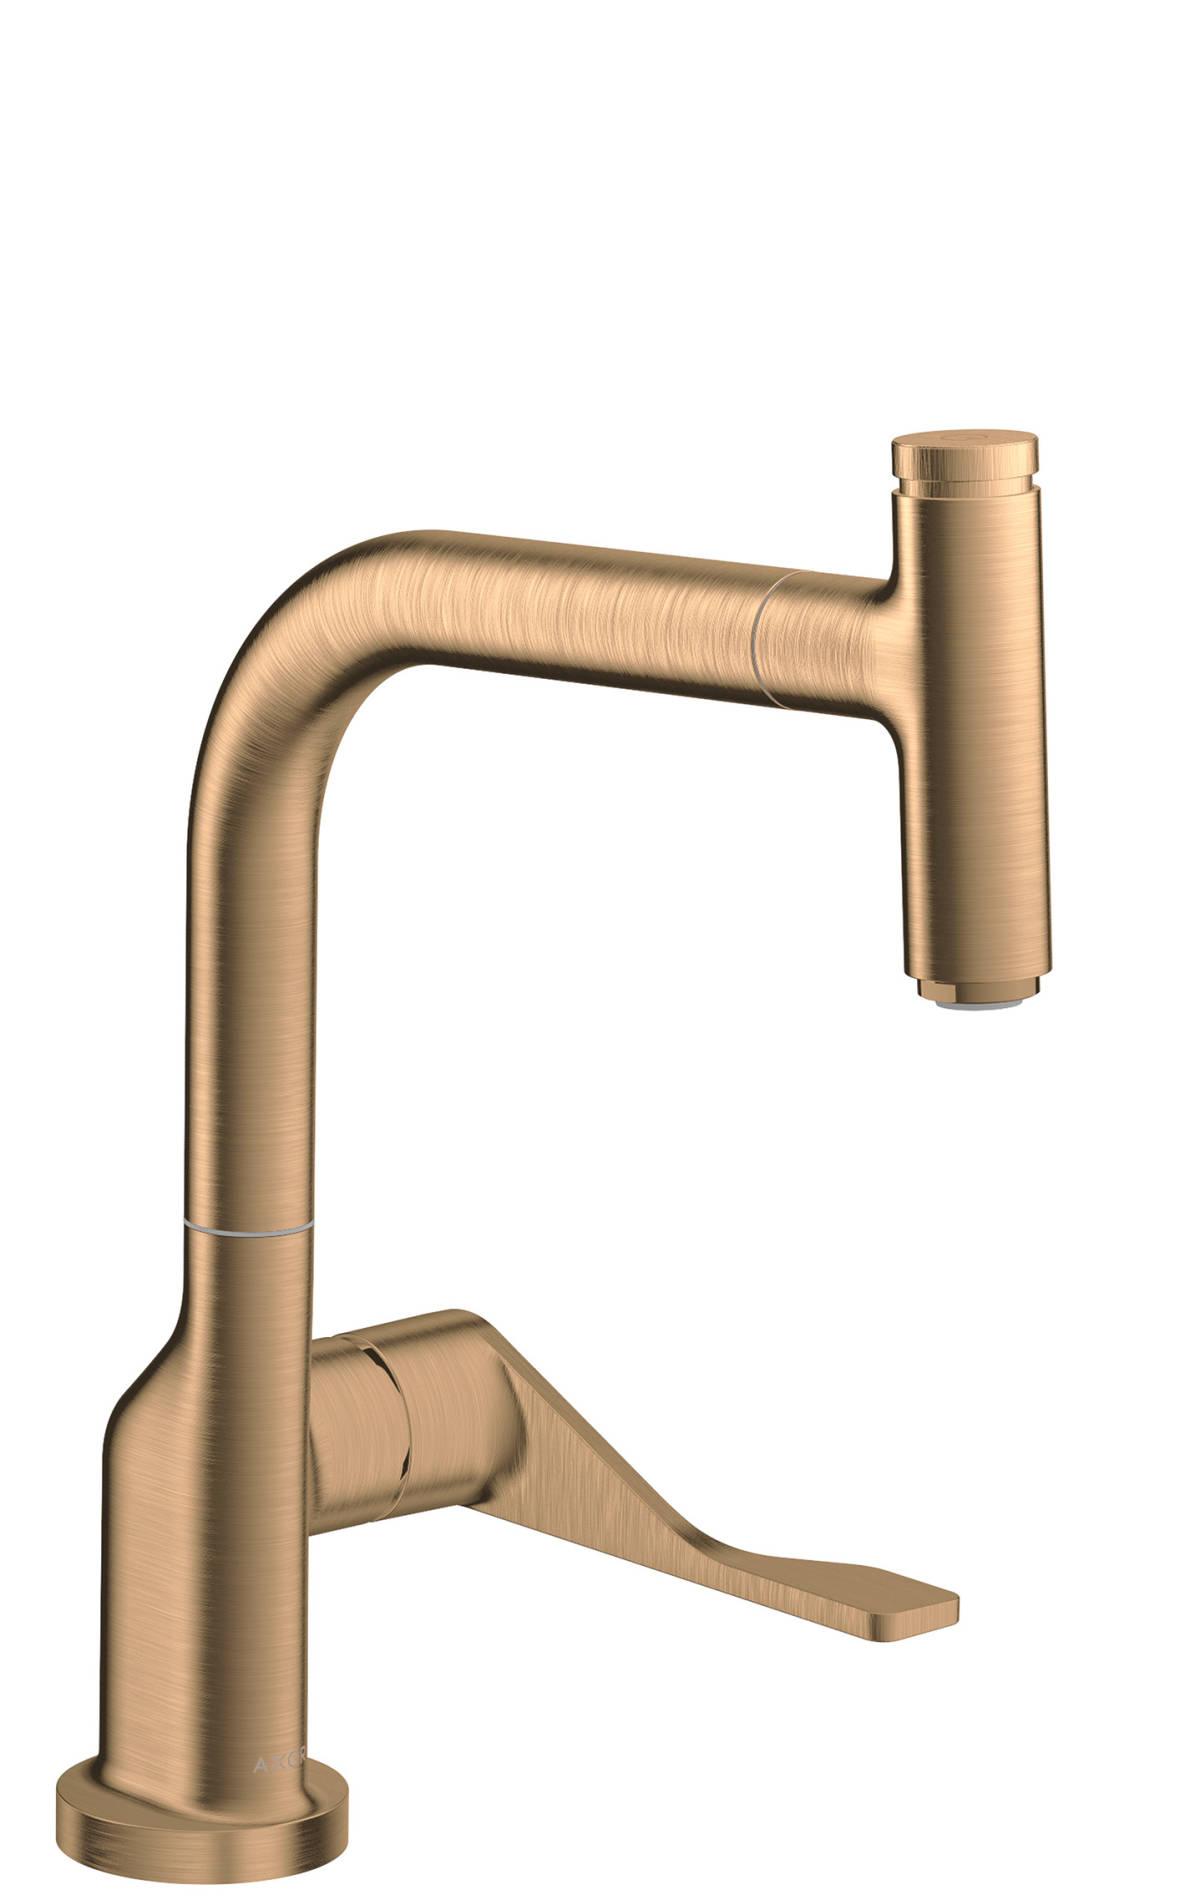 Mezclador monomando de cocina Select 230 con caño extraíble, bronce cepillado, 39861140